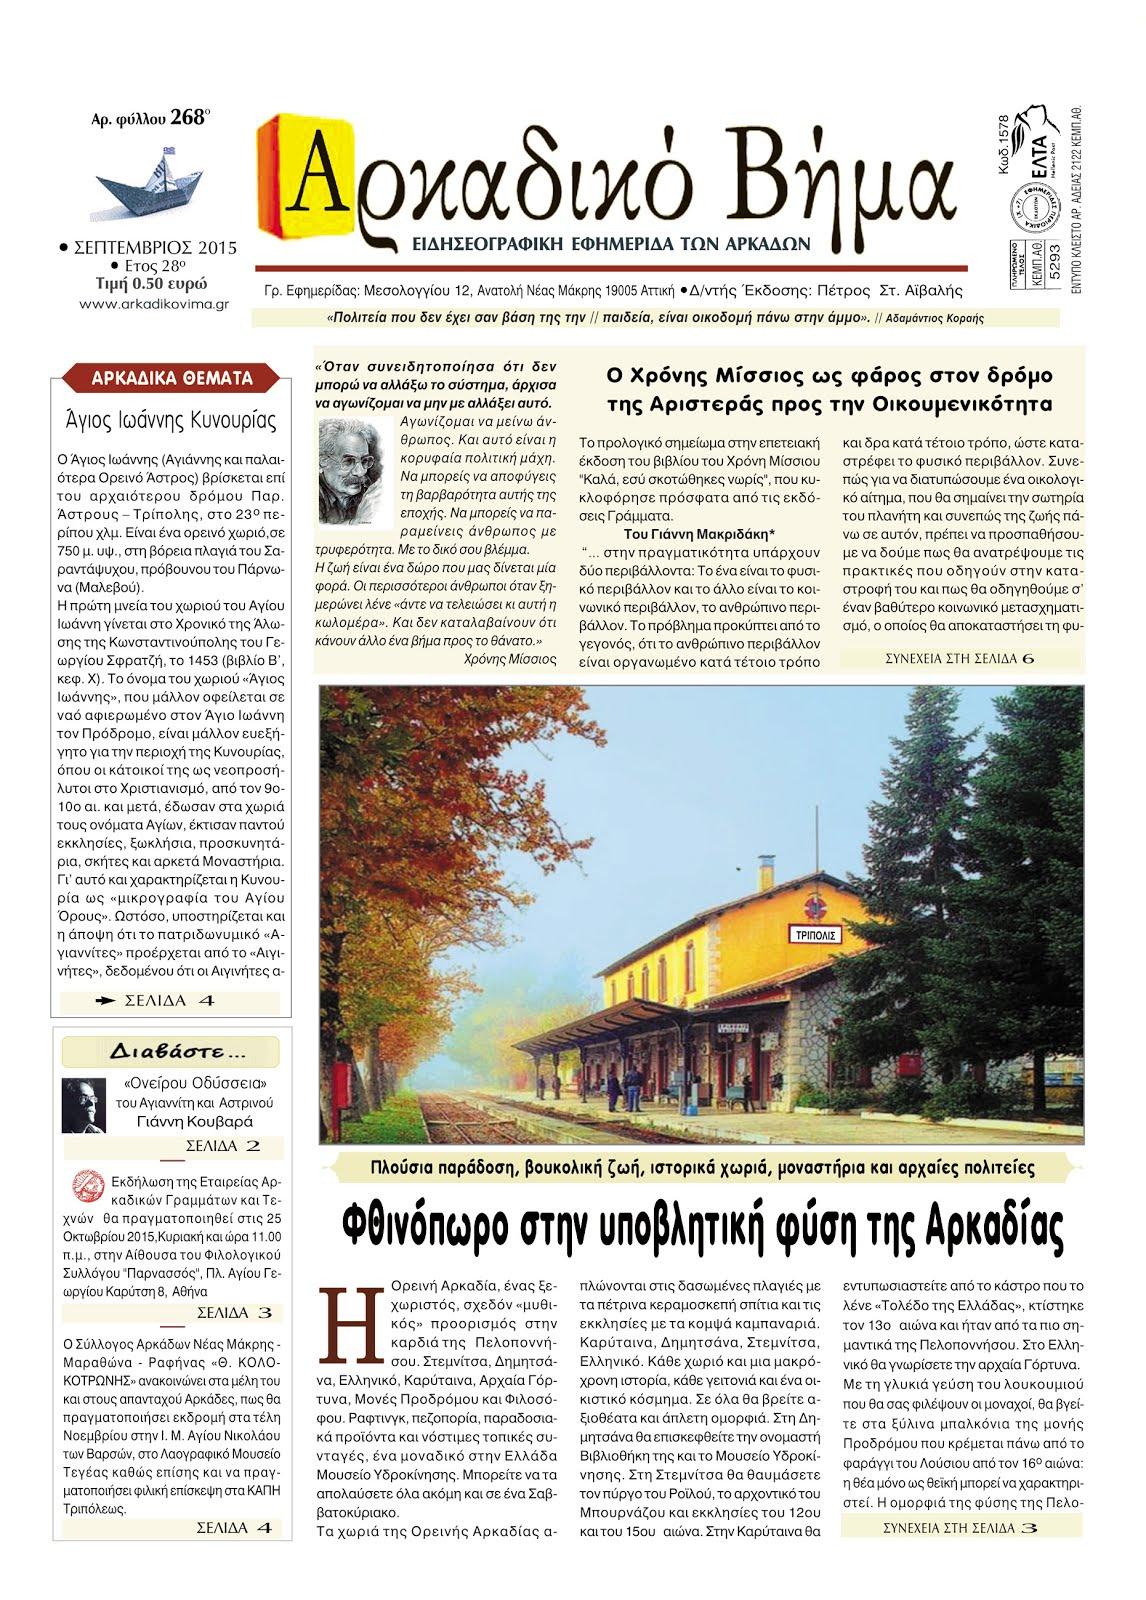 """Εφημερίδα """"Αρκαδικό Βήμα"""" από το 1988 κοντά στους Αρκάδες"""